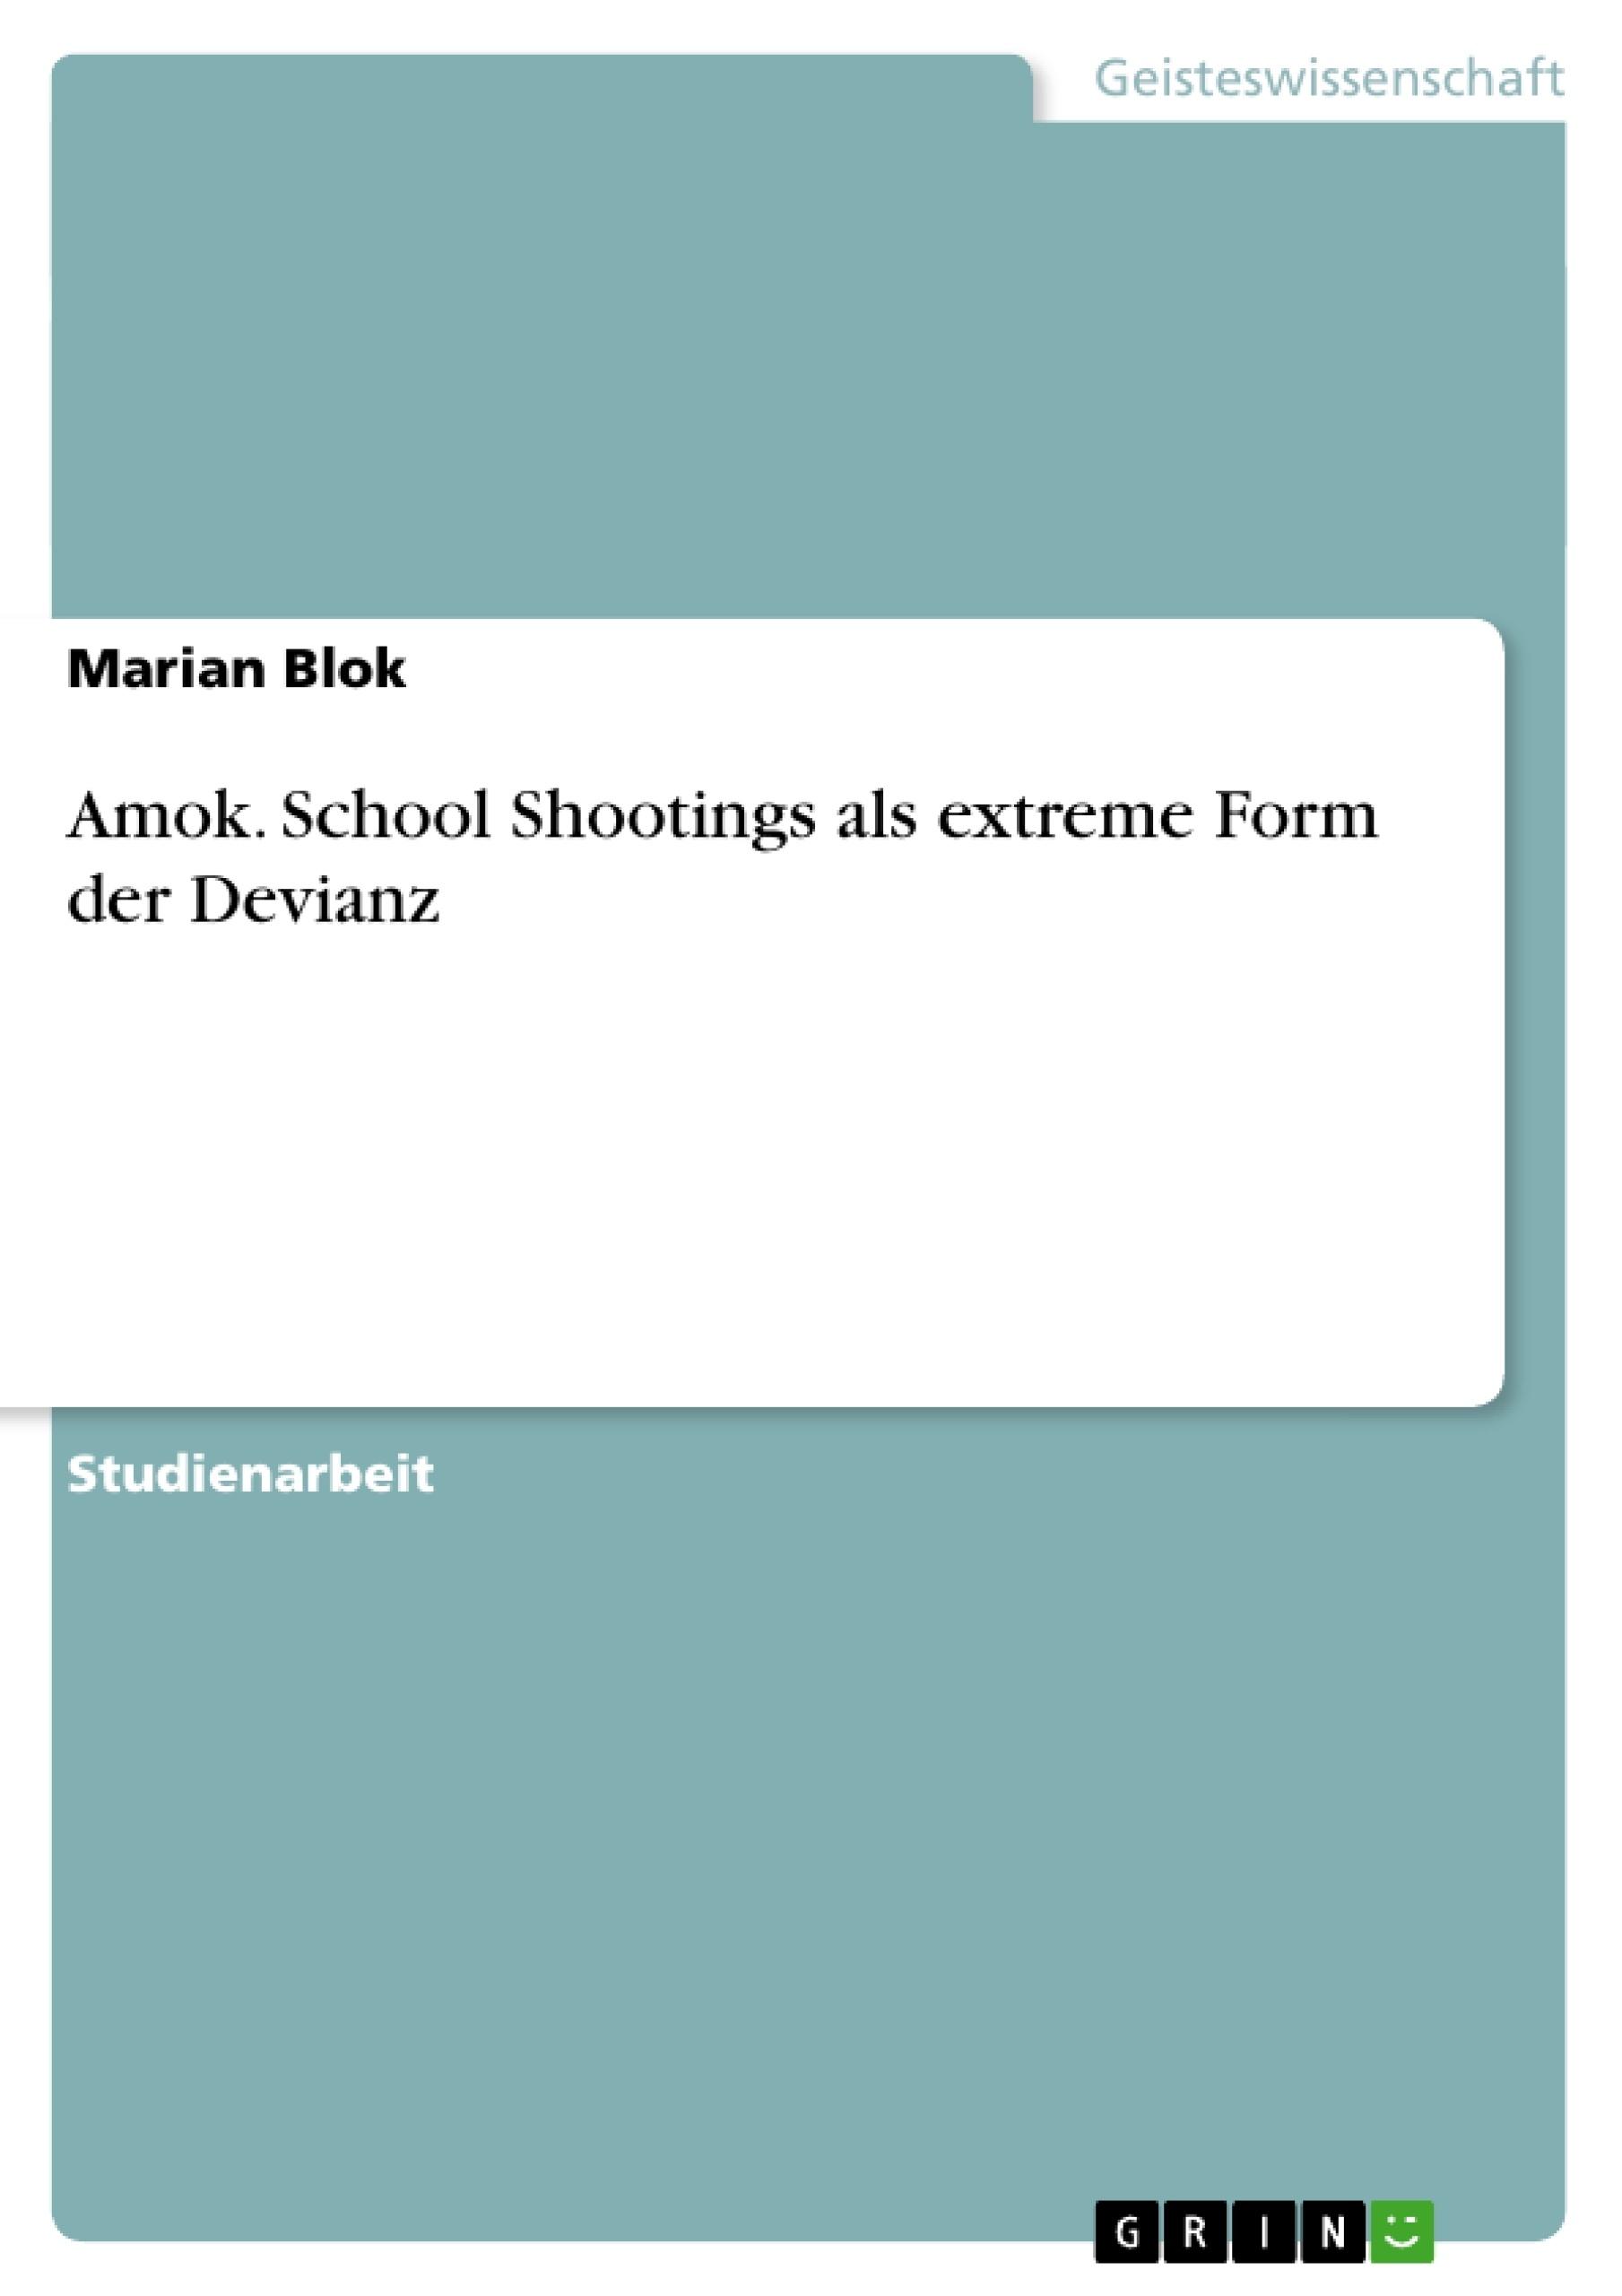 Titel: Amok. School Shootings als extreme Form der Devianz